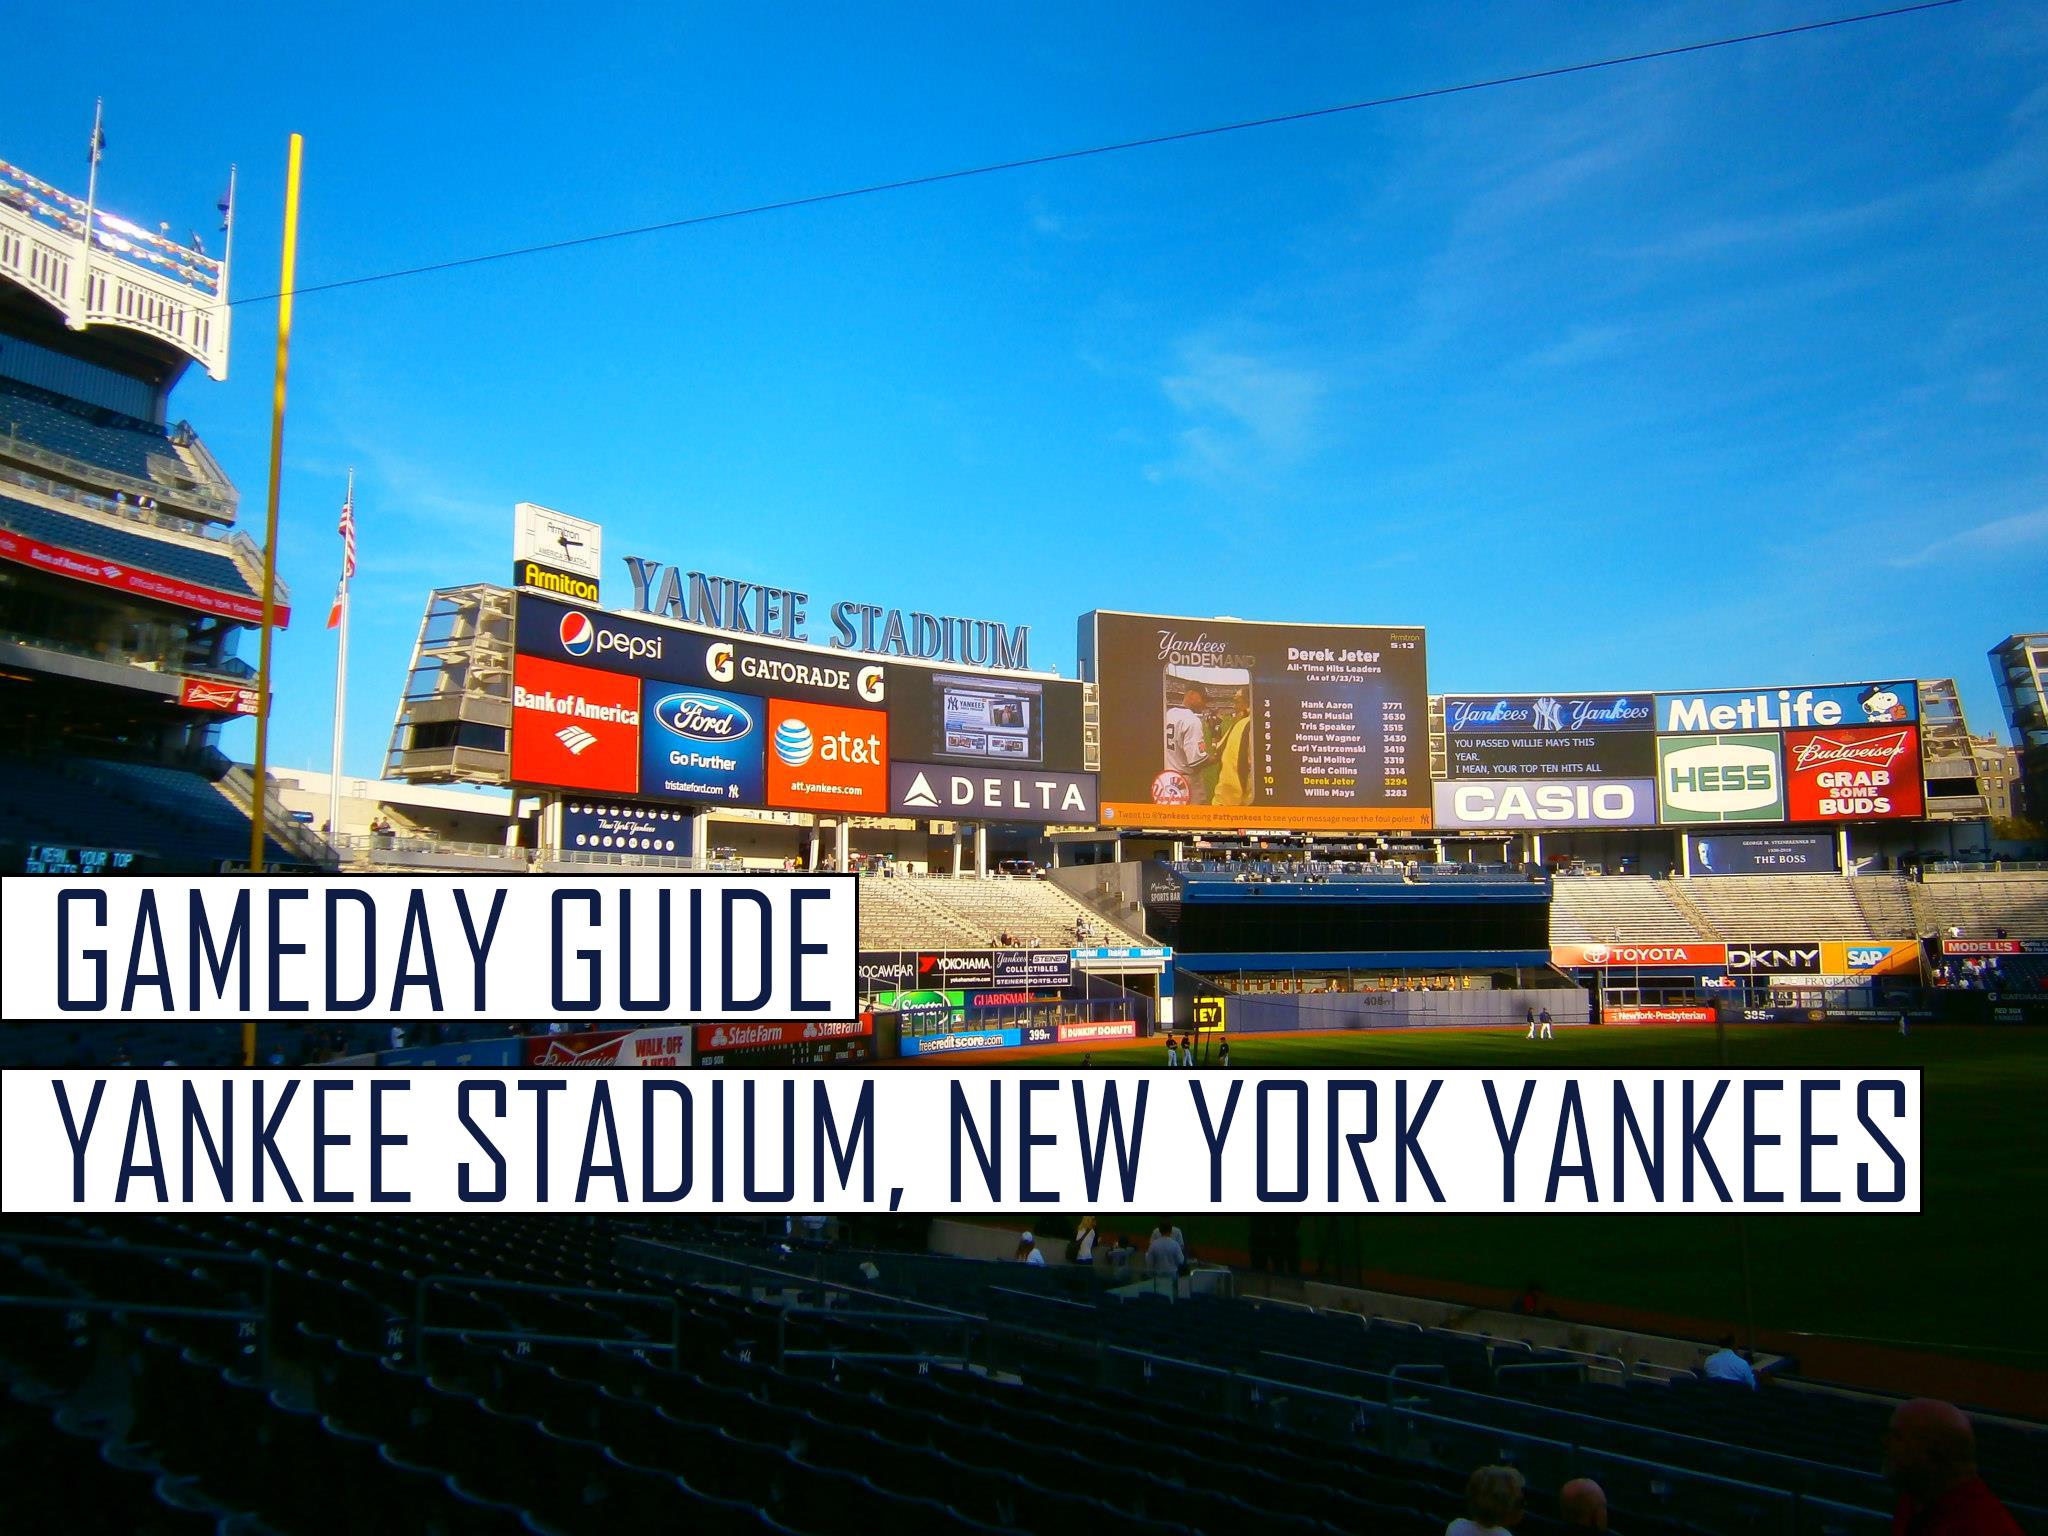 Yankee-Stadium-Guide